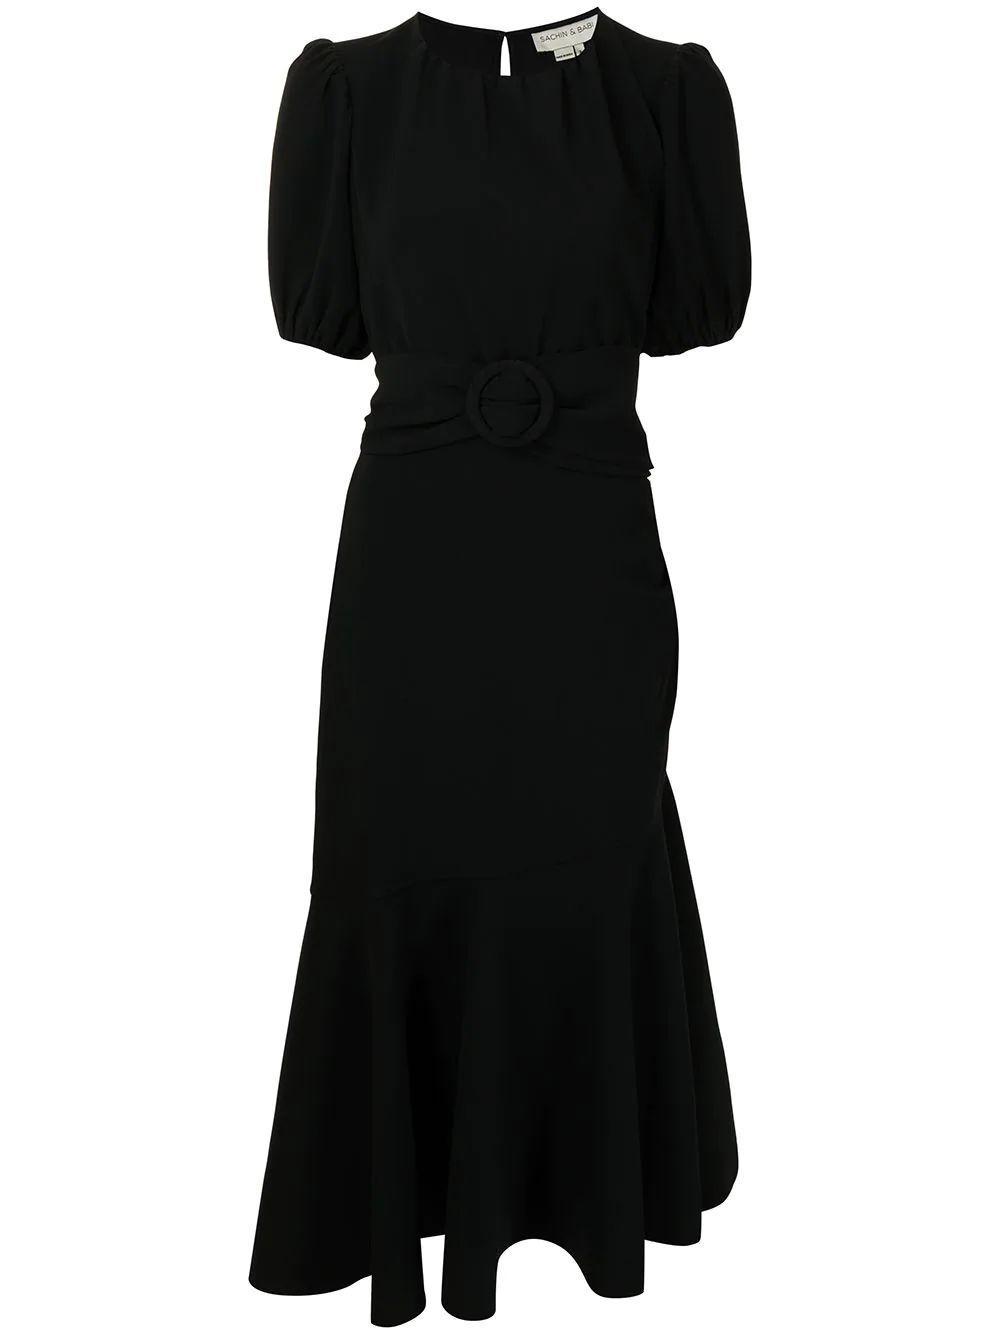 Camila Dress Item # S01D19E-001